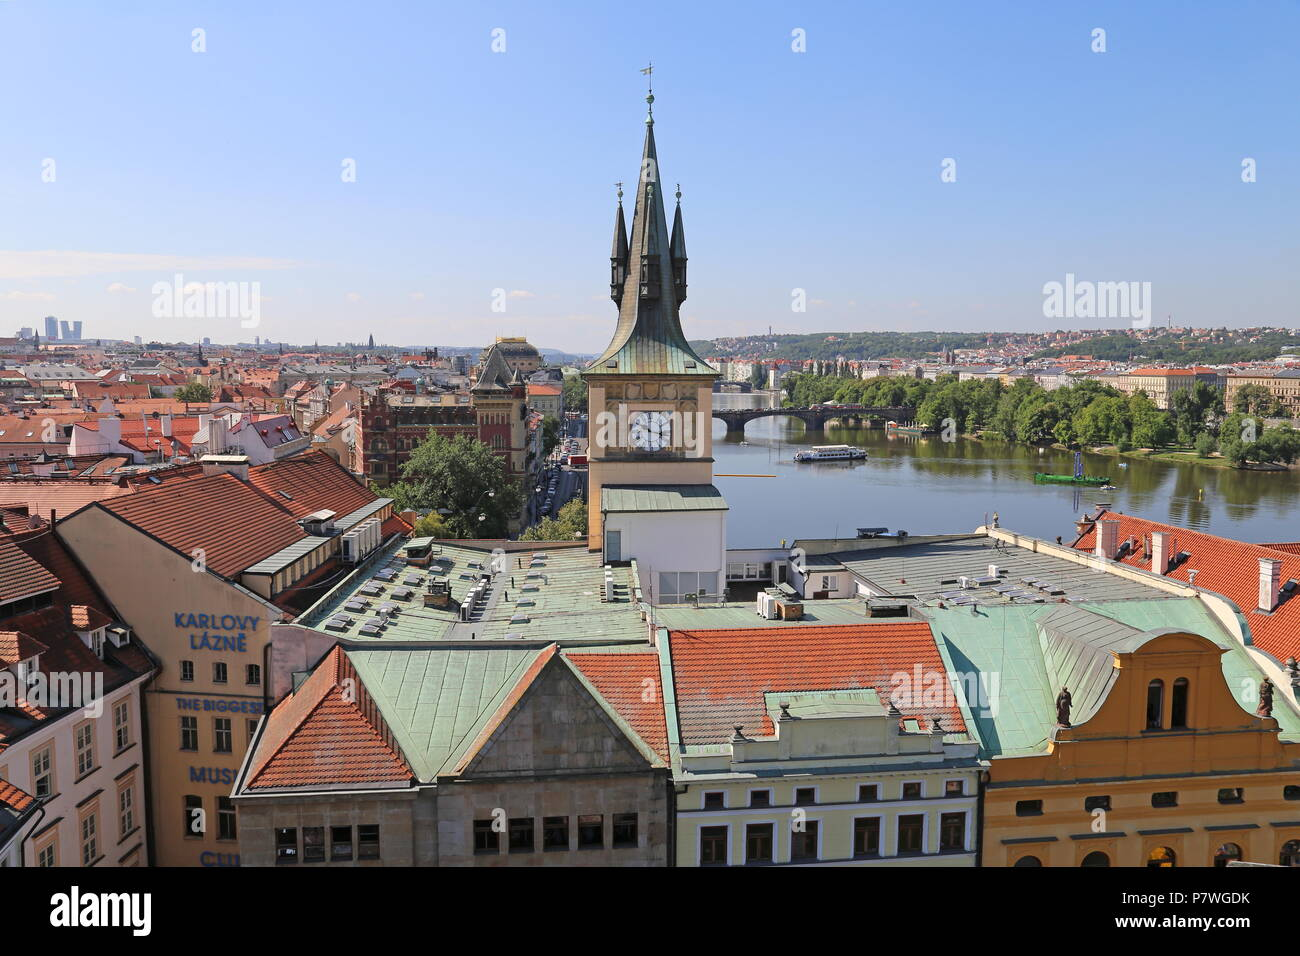 Vltava de la vieille ville, Staré Město Tour du pont (vieille ville), Prague, Tchéquie (République tchèque), de l'Europe Photo Stock